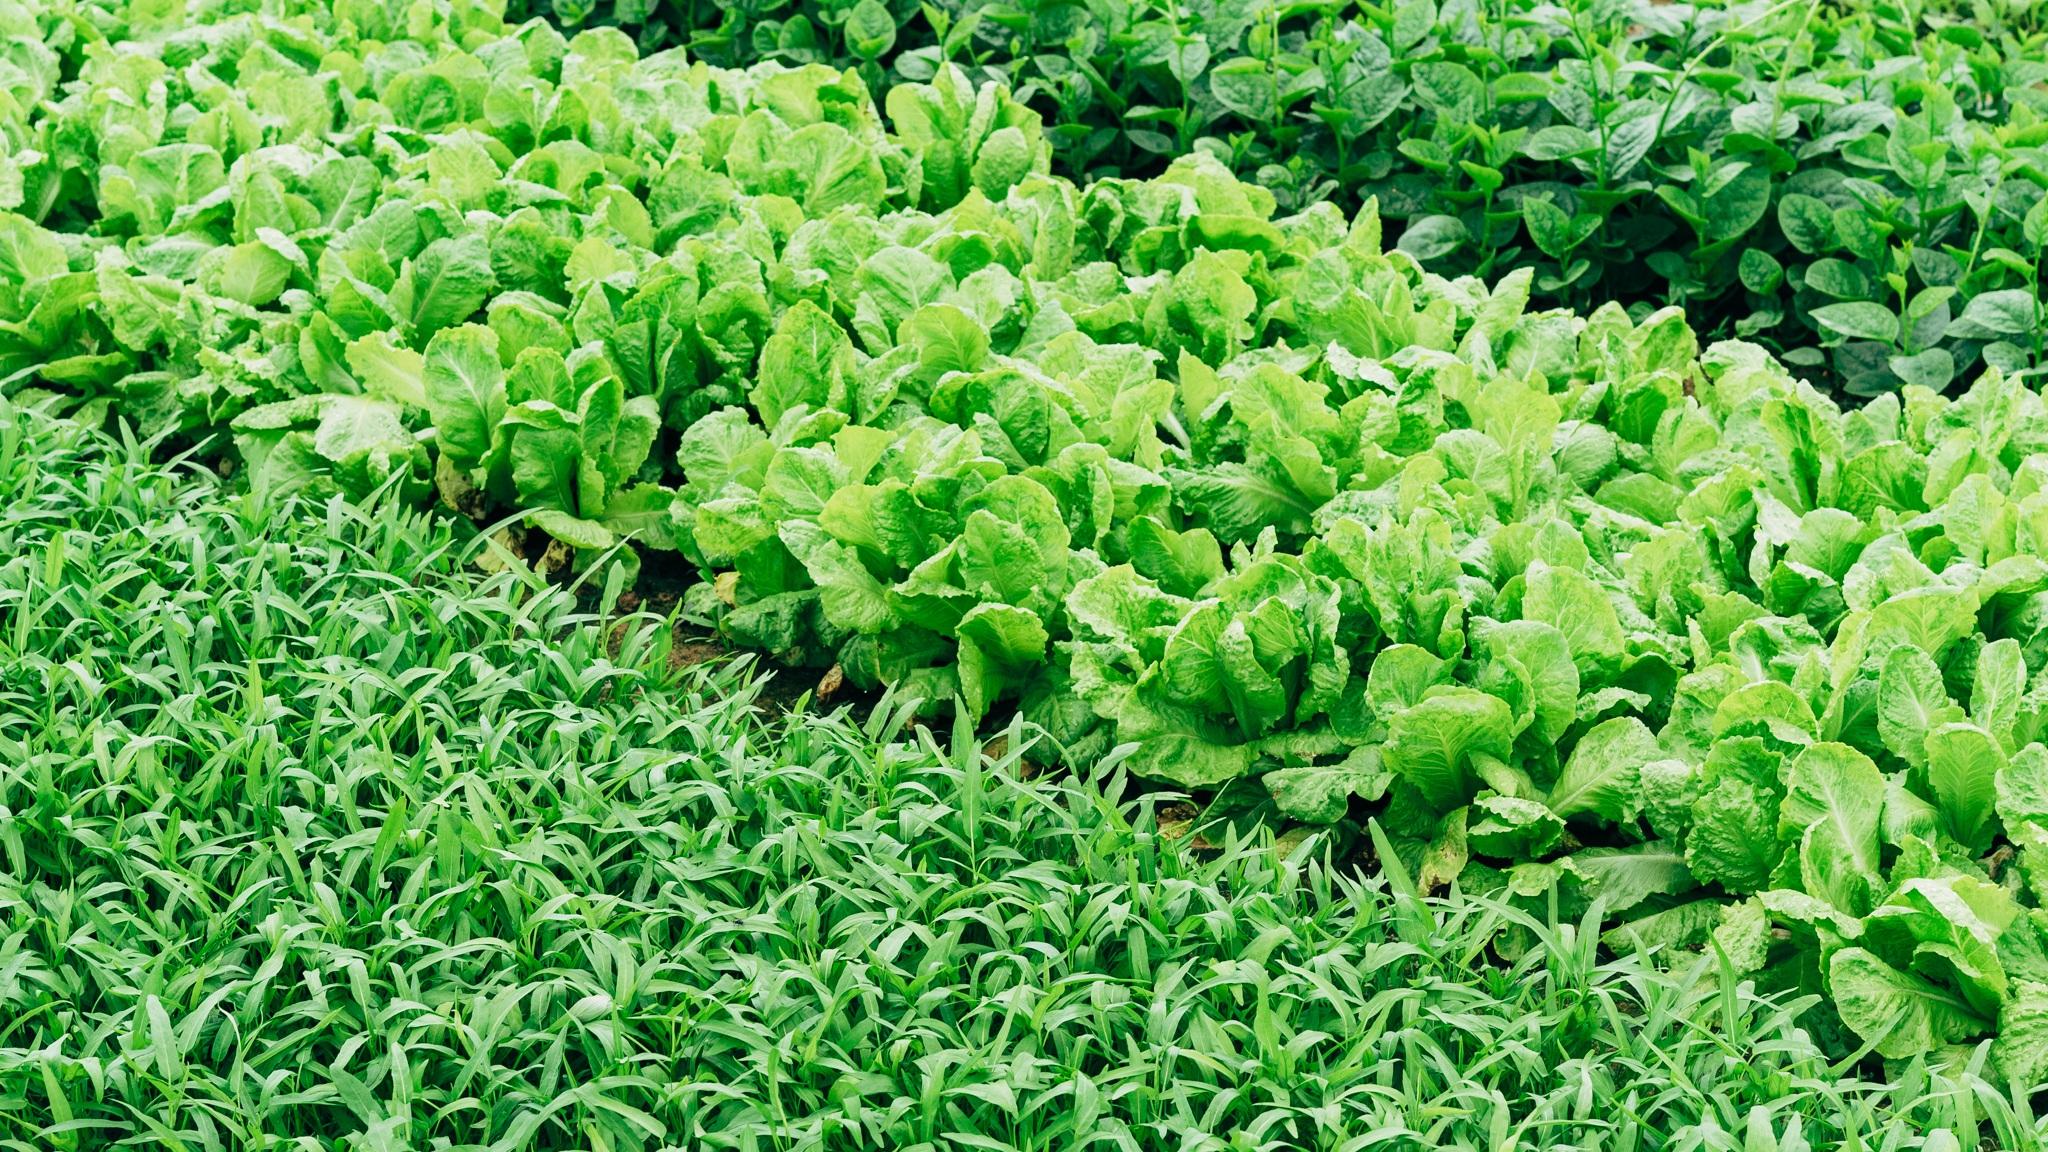 edible green spaces -